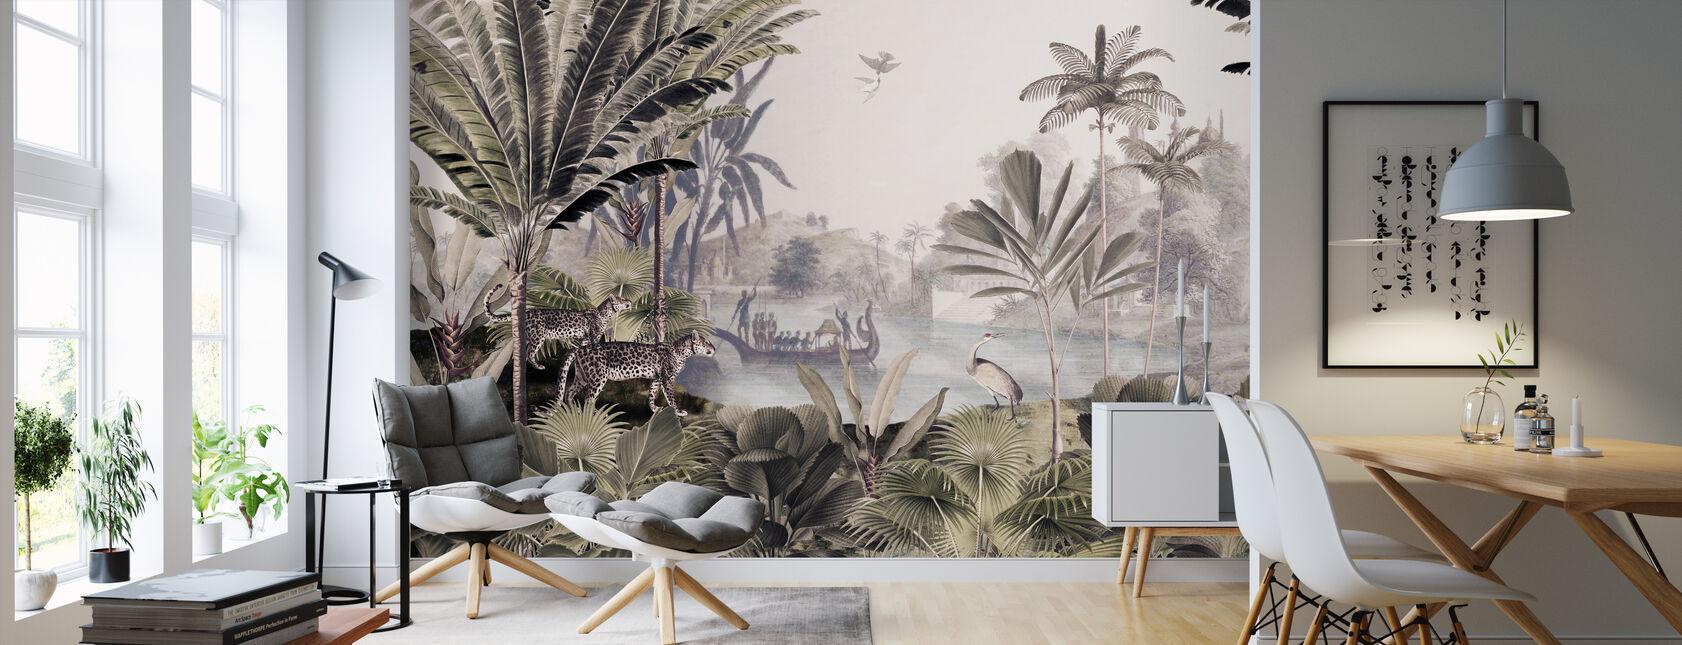 Leopard Landscape - Wallpaper - Living Room